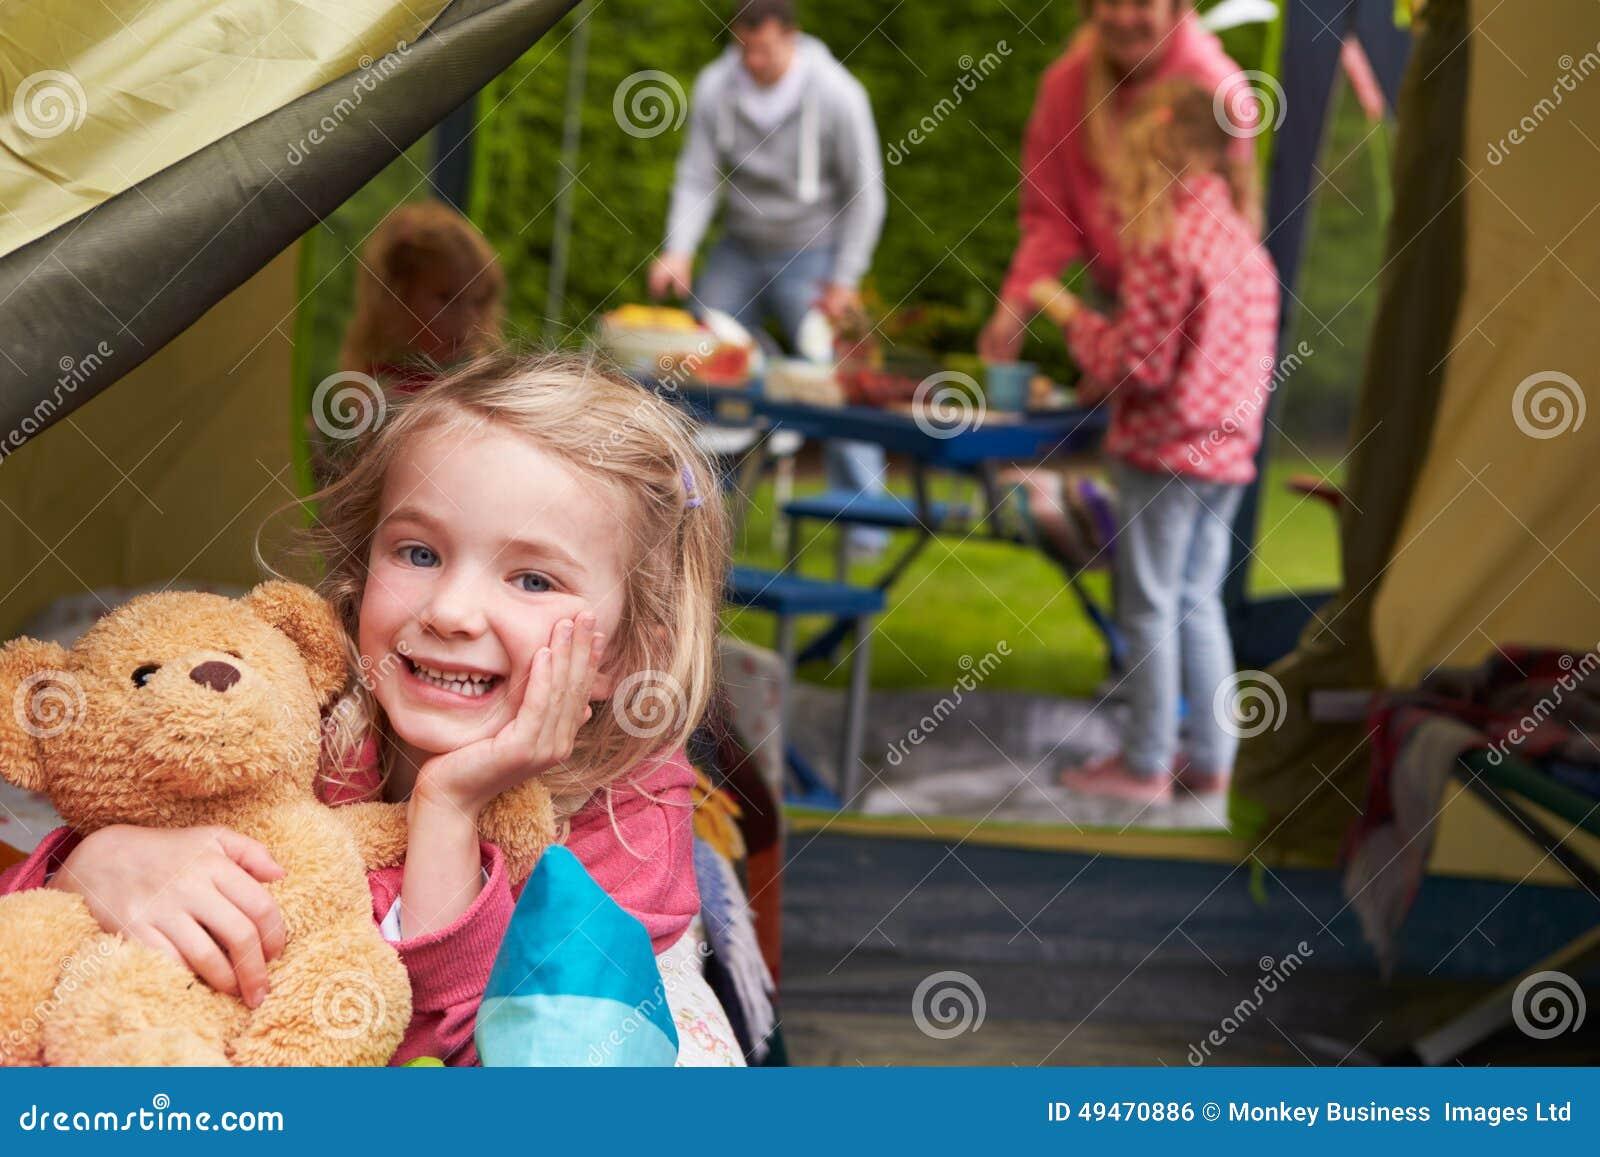 Flicka med Teddy Bear Enjoying Camping Holiday på campingplats